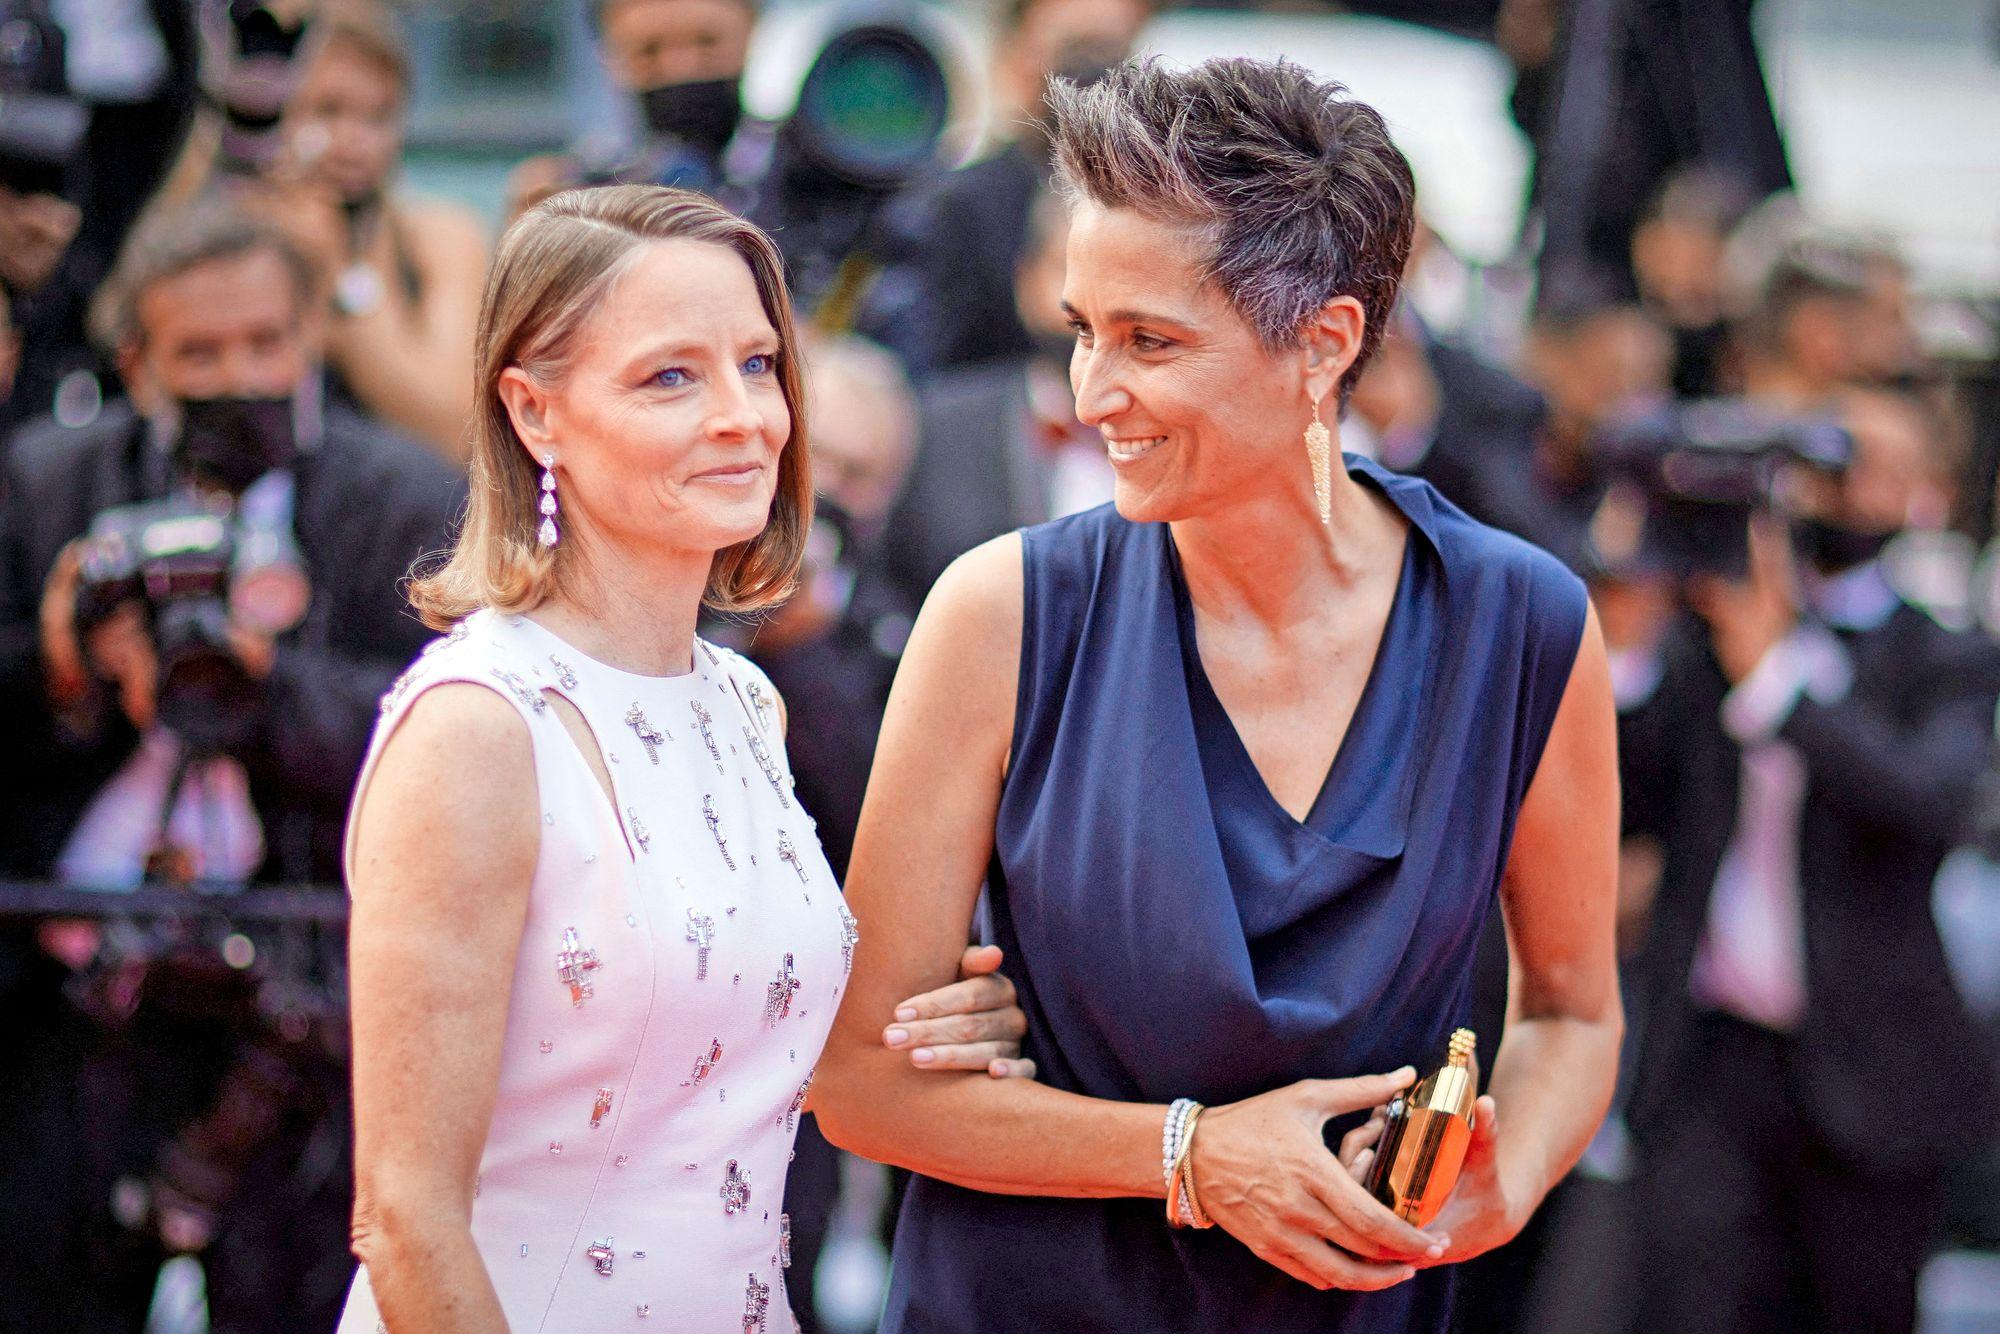 Kultainen Palmu -elämäntyöpalkinnon saanut näyttelijä-ohjaaja Jodie Foster juhli Cannesissa vaimonsa Alexandra Hedisonin kanssa. Palkintopuheessaan Foster kiitti vaimoaan sujuvasti ranskaksi. © JACOVIDES-BORDE-MOREAU / BESTIMAGE